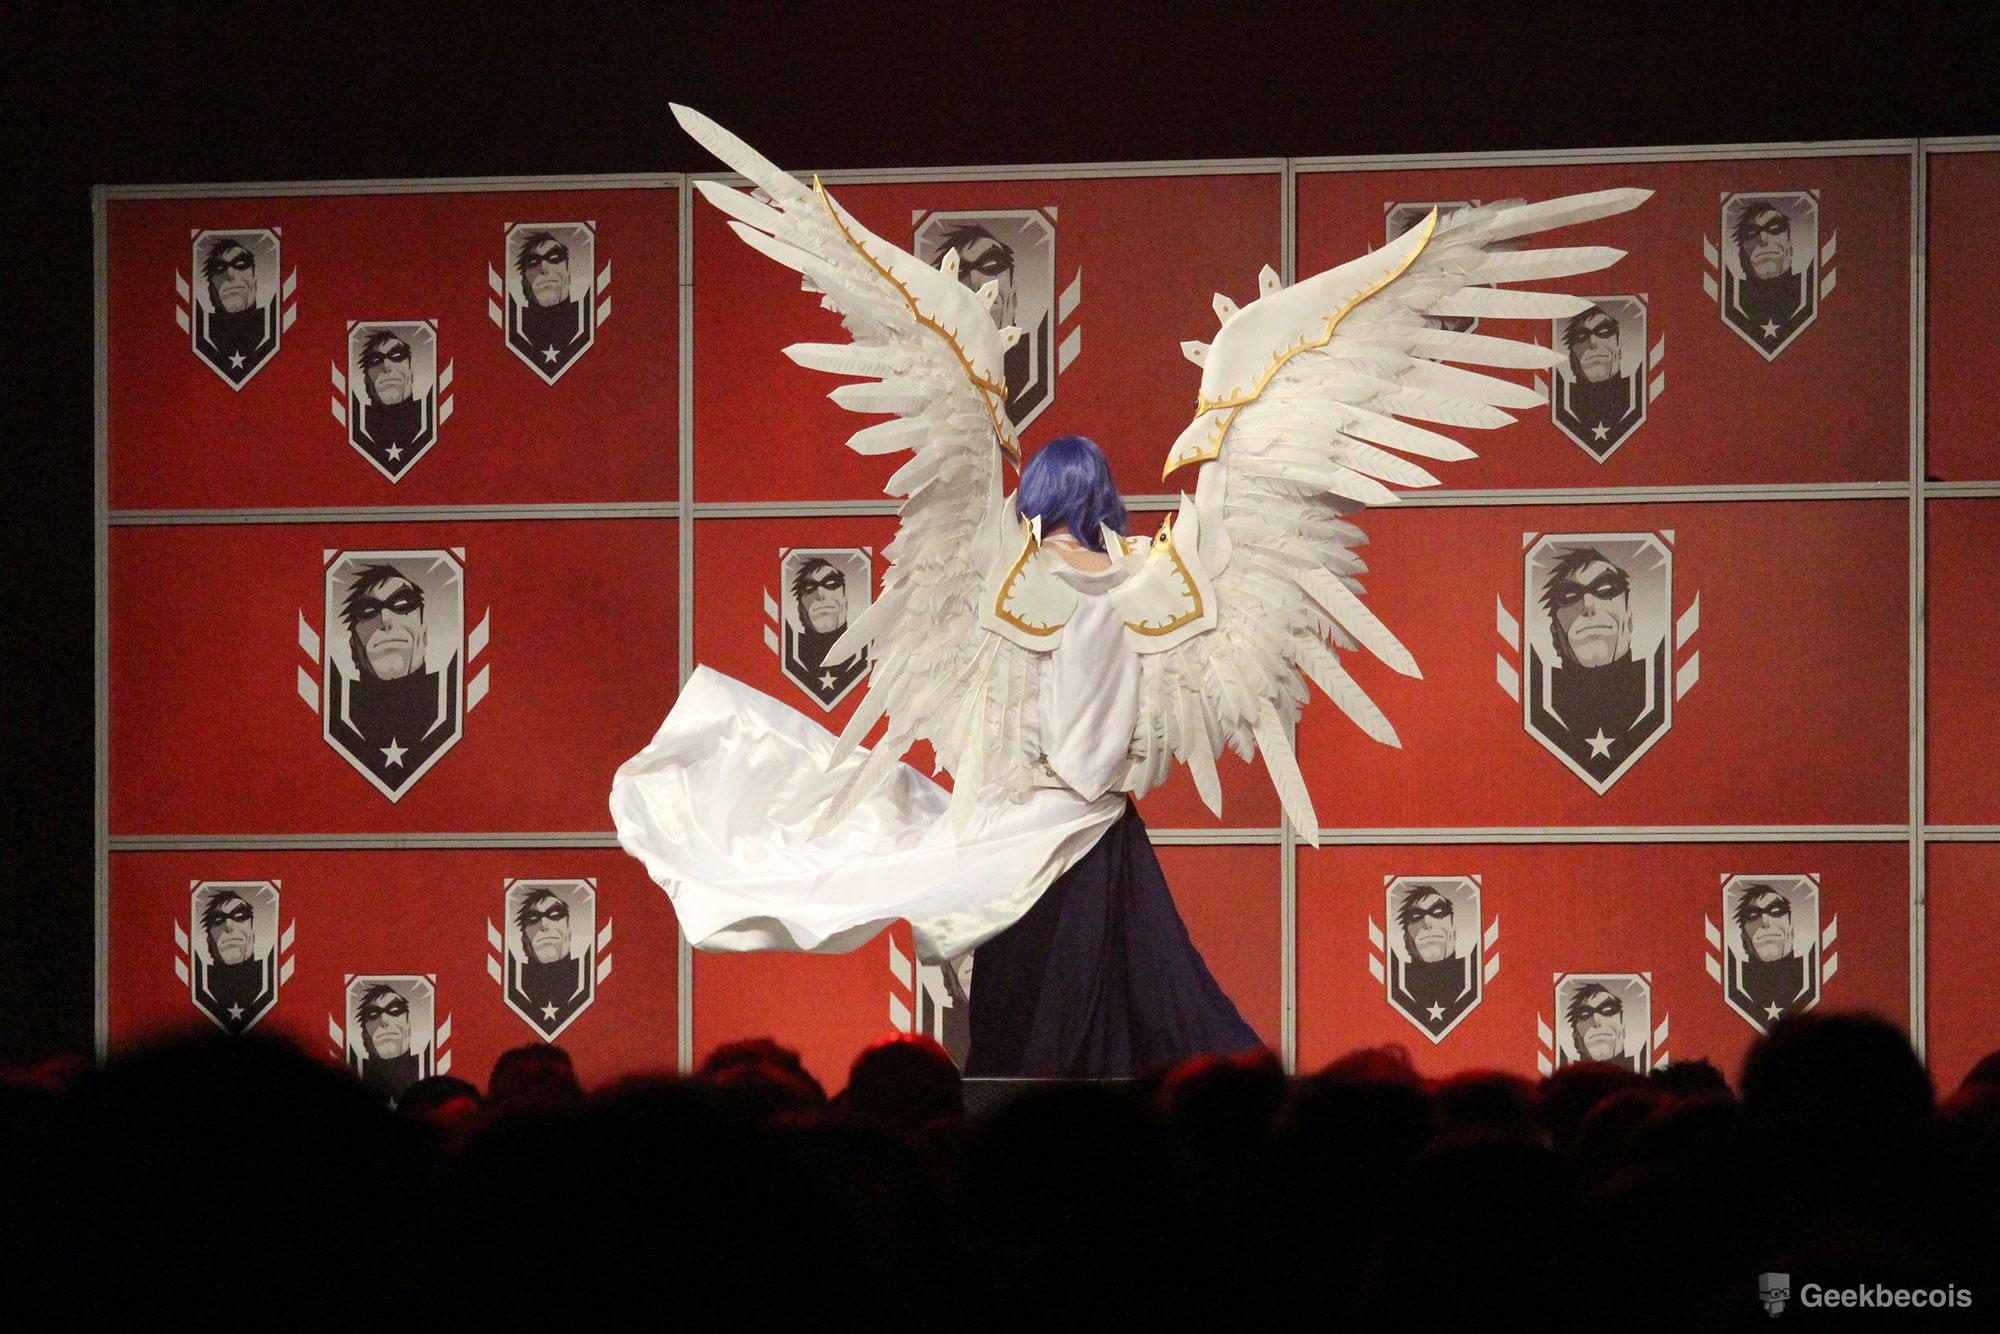 Comiccon de Montréal 2018 - Geekbecois - Cosplay